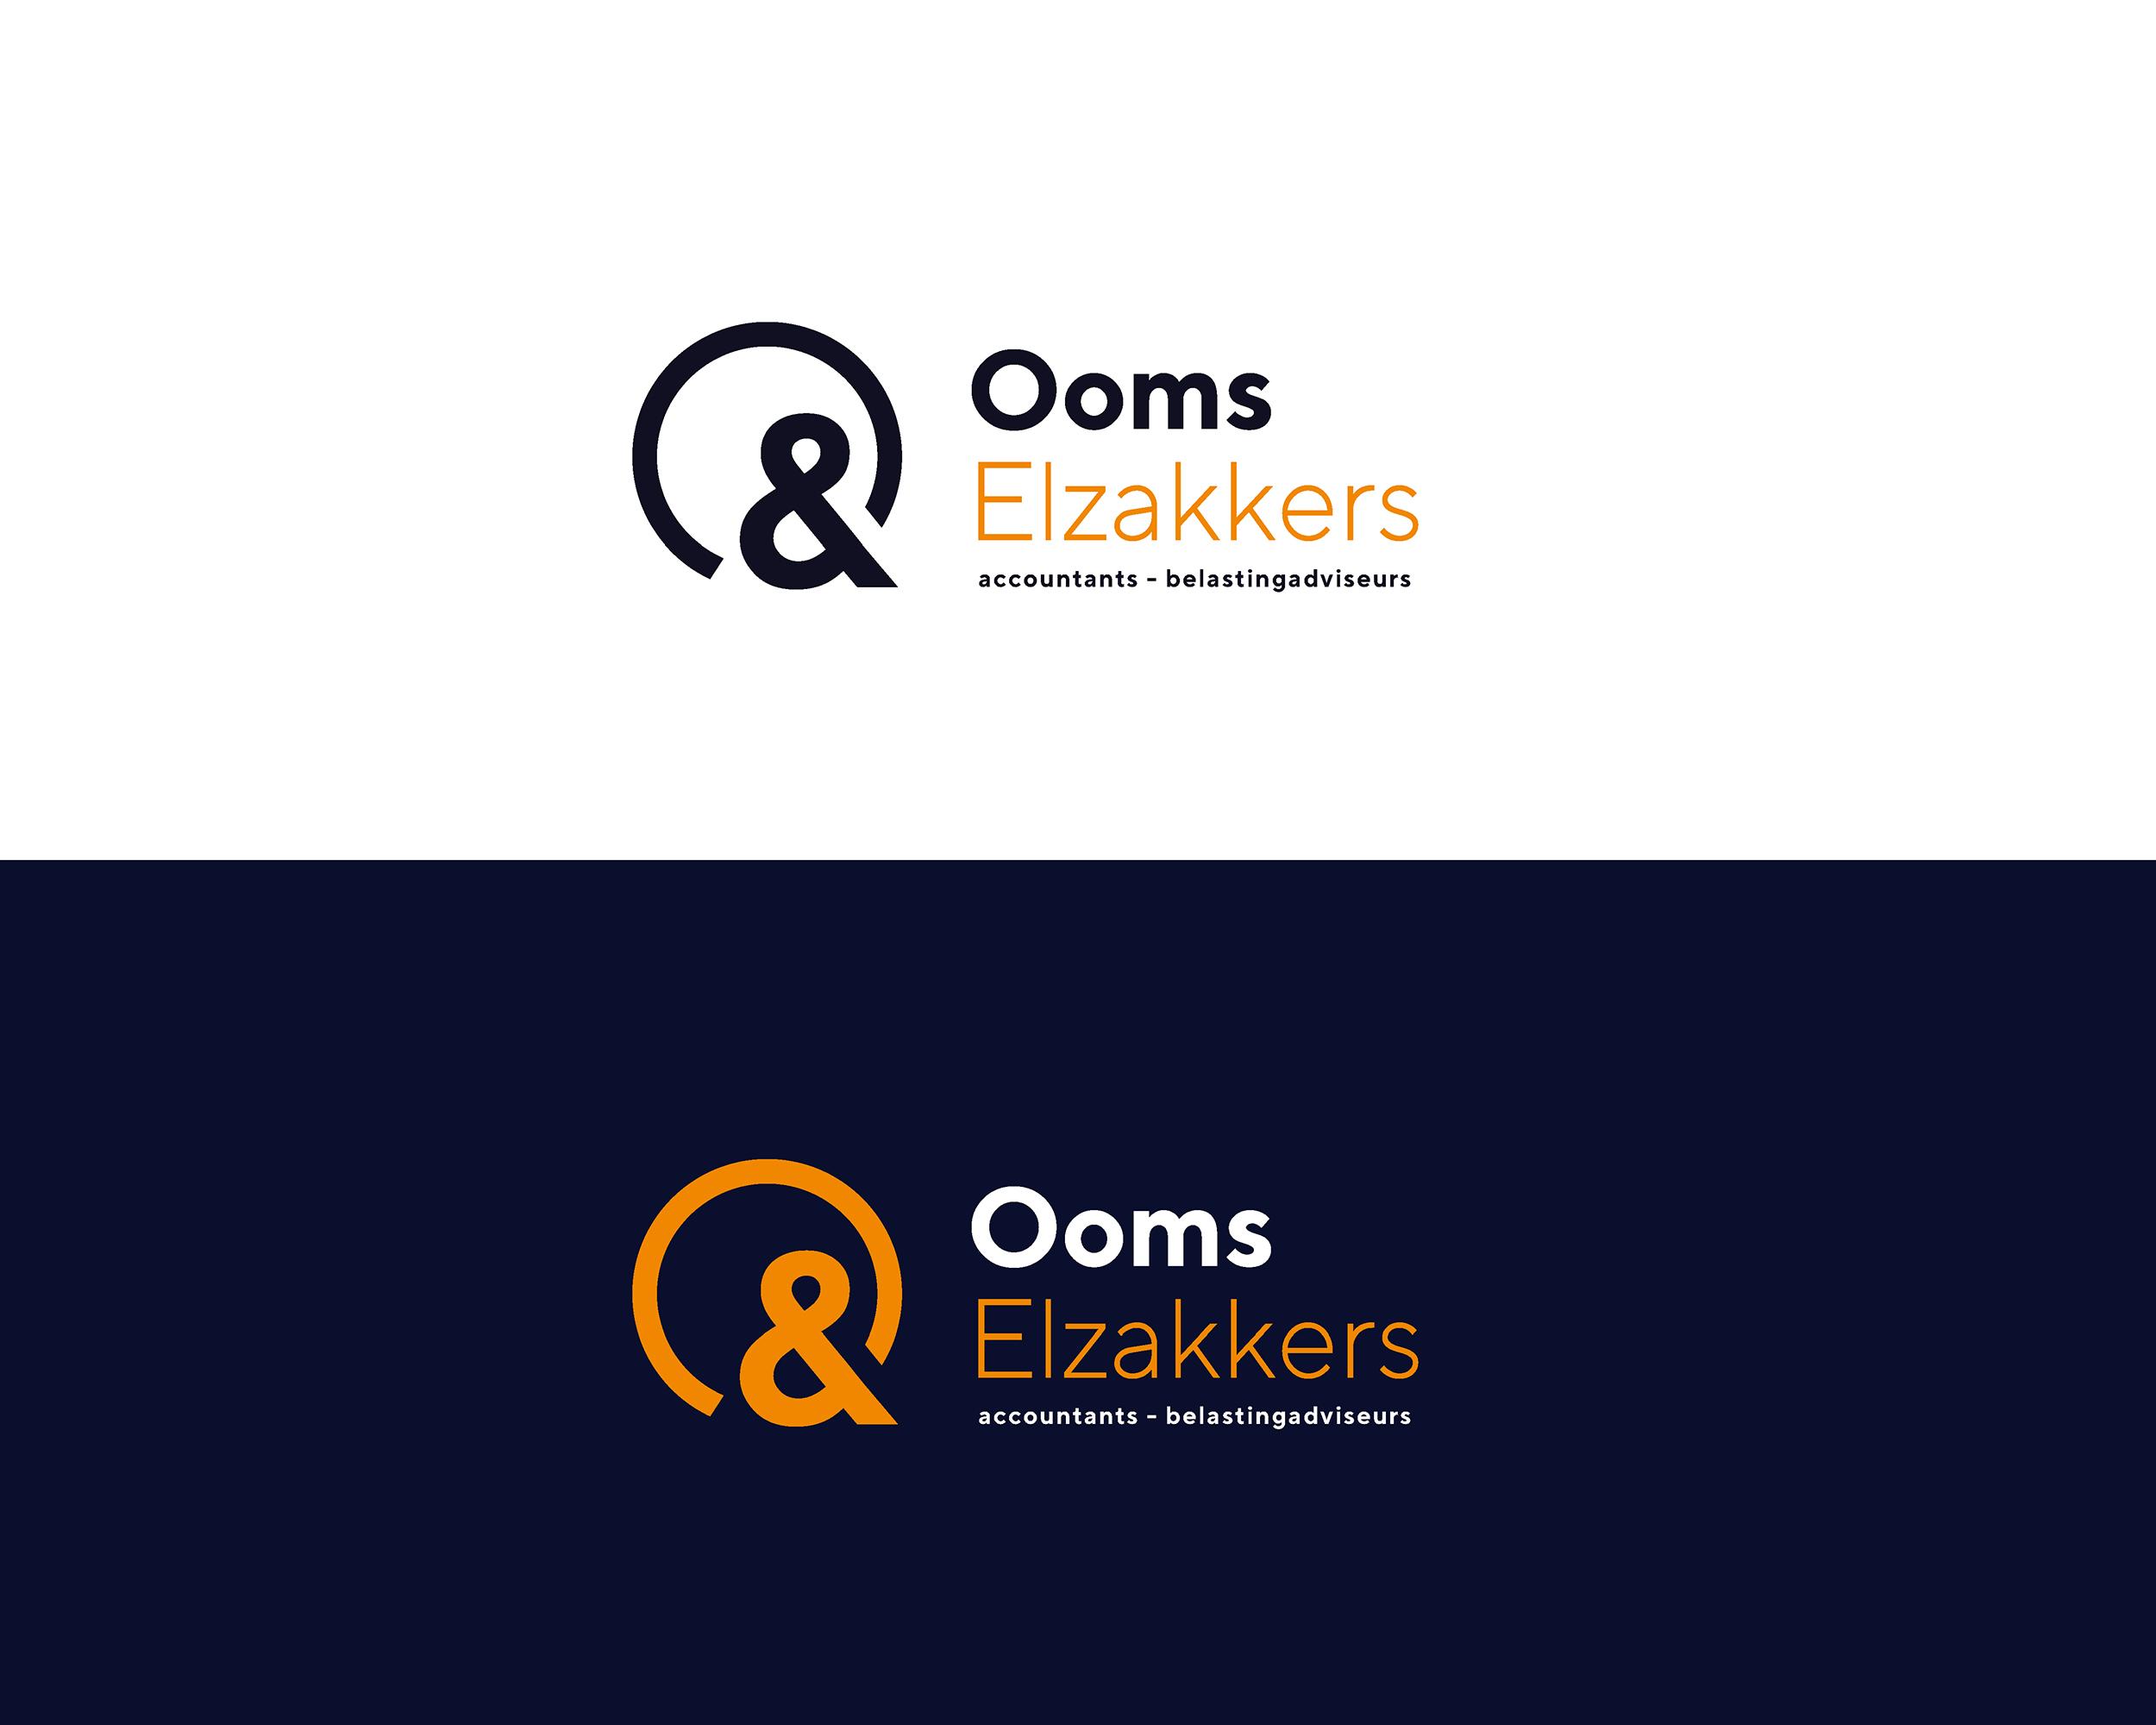 Assets_Ooms-en-Elzakkers_6